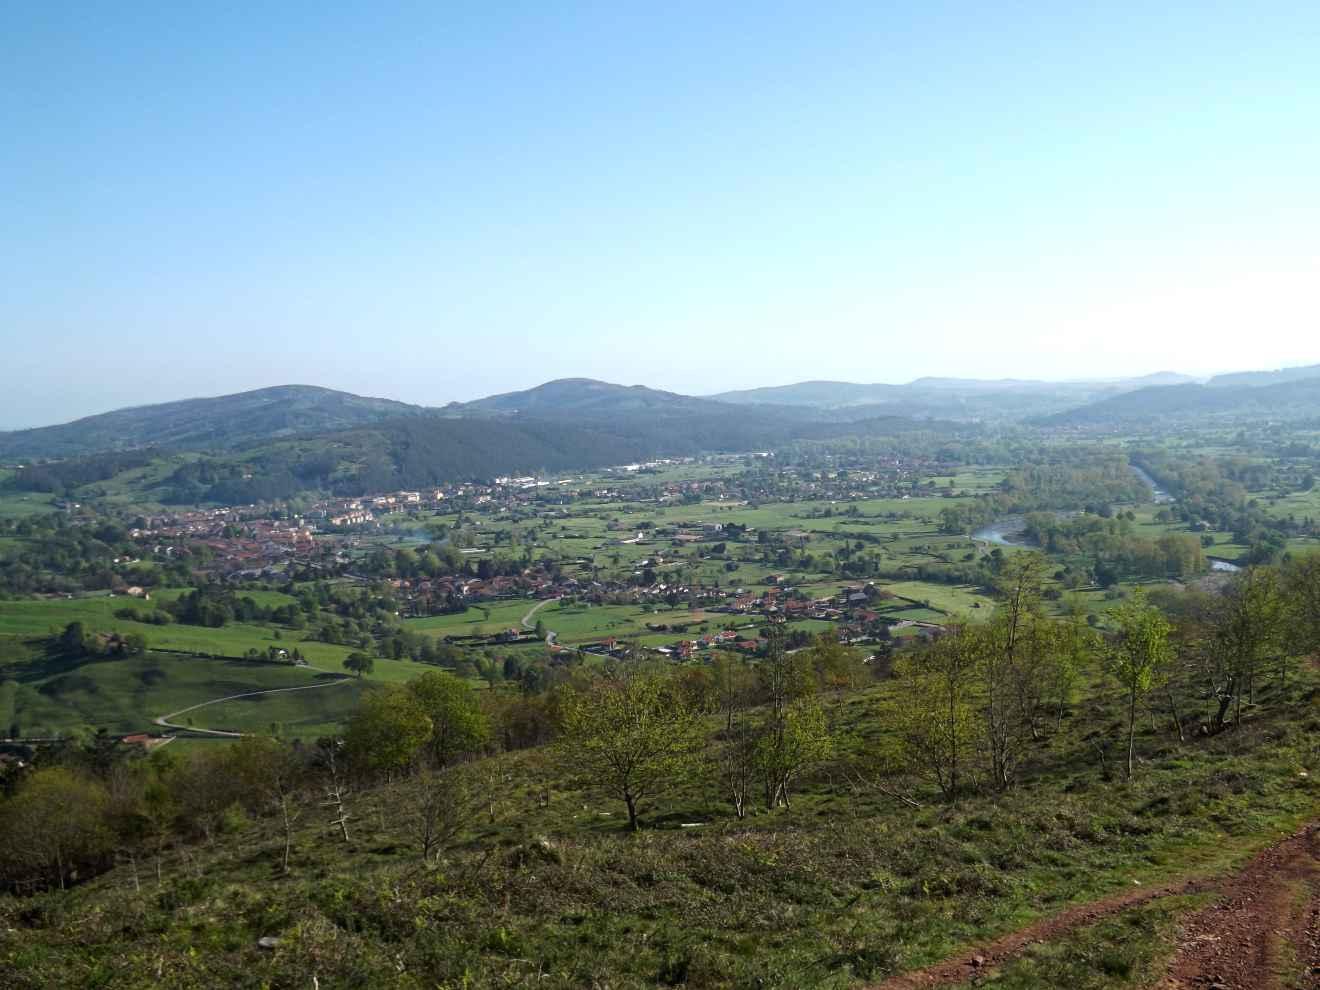 Vista del Valle de Cabezón